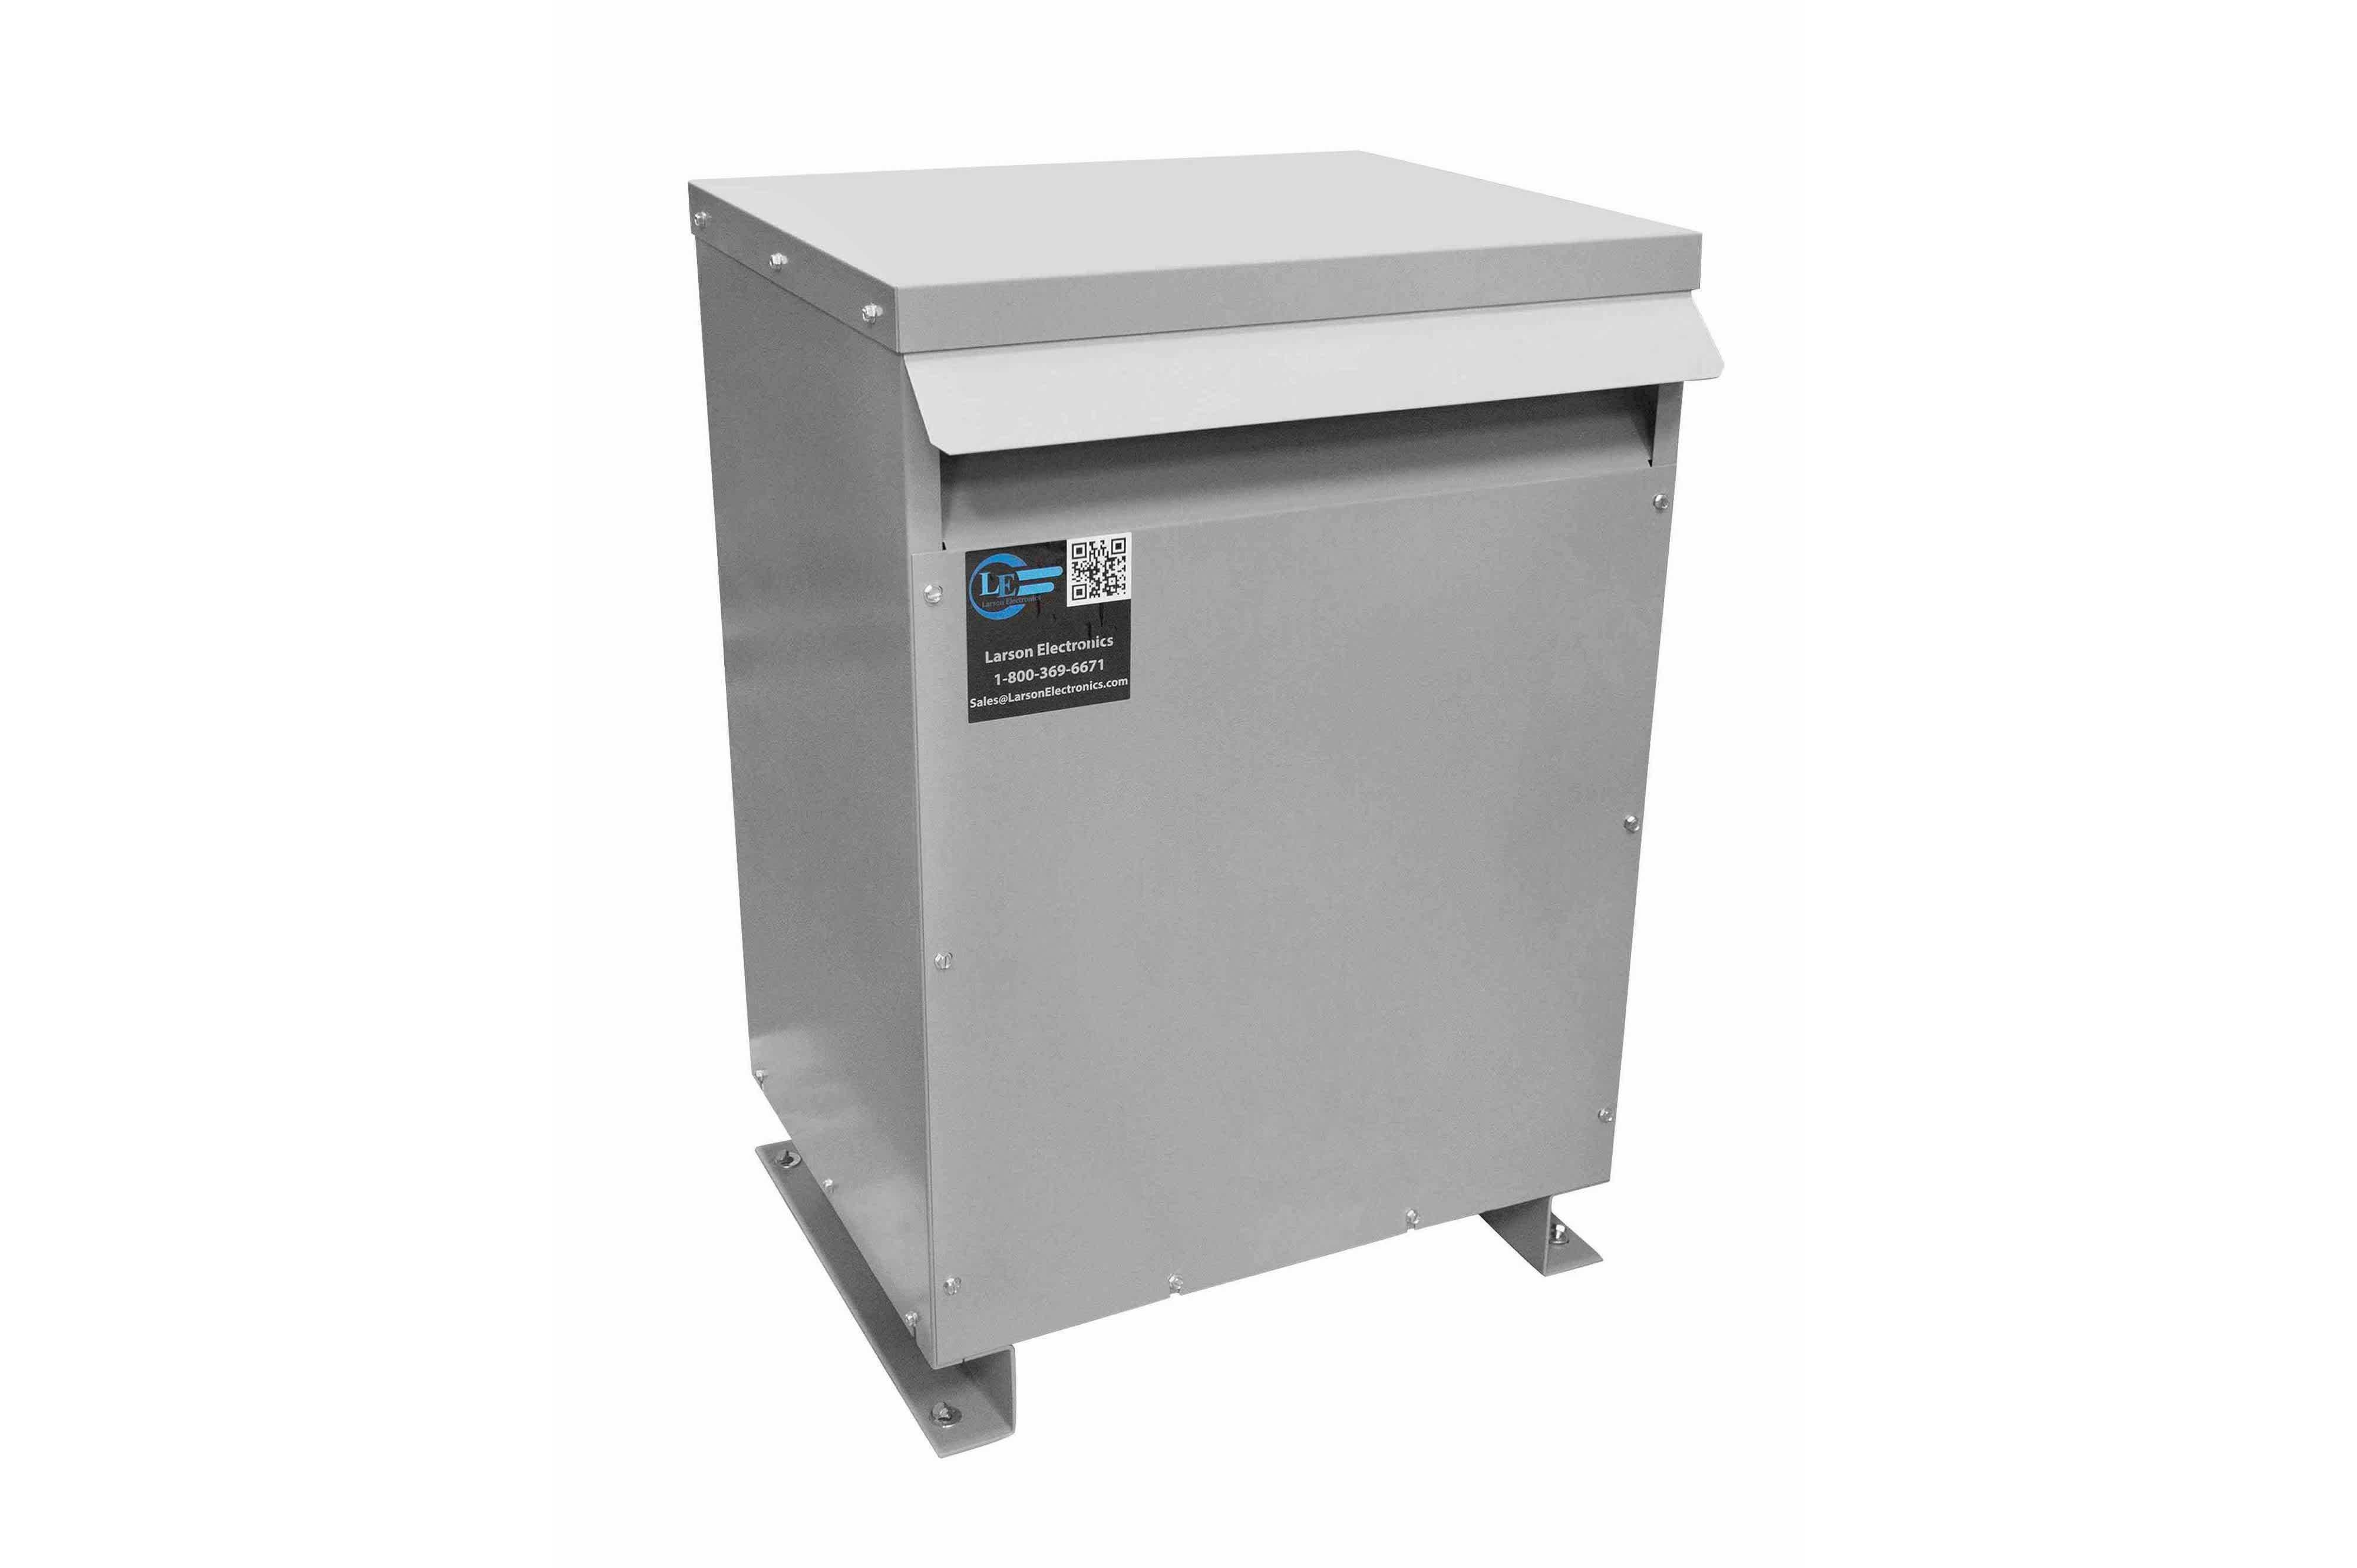 14 kVA 3PH Isolation Transformer, 415V Delta Primary, 600V Delta Secondary, N3R, Ventilated, 60 Hz